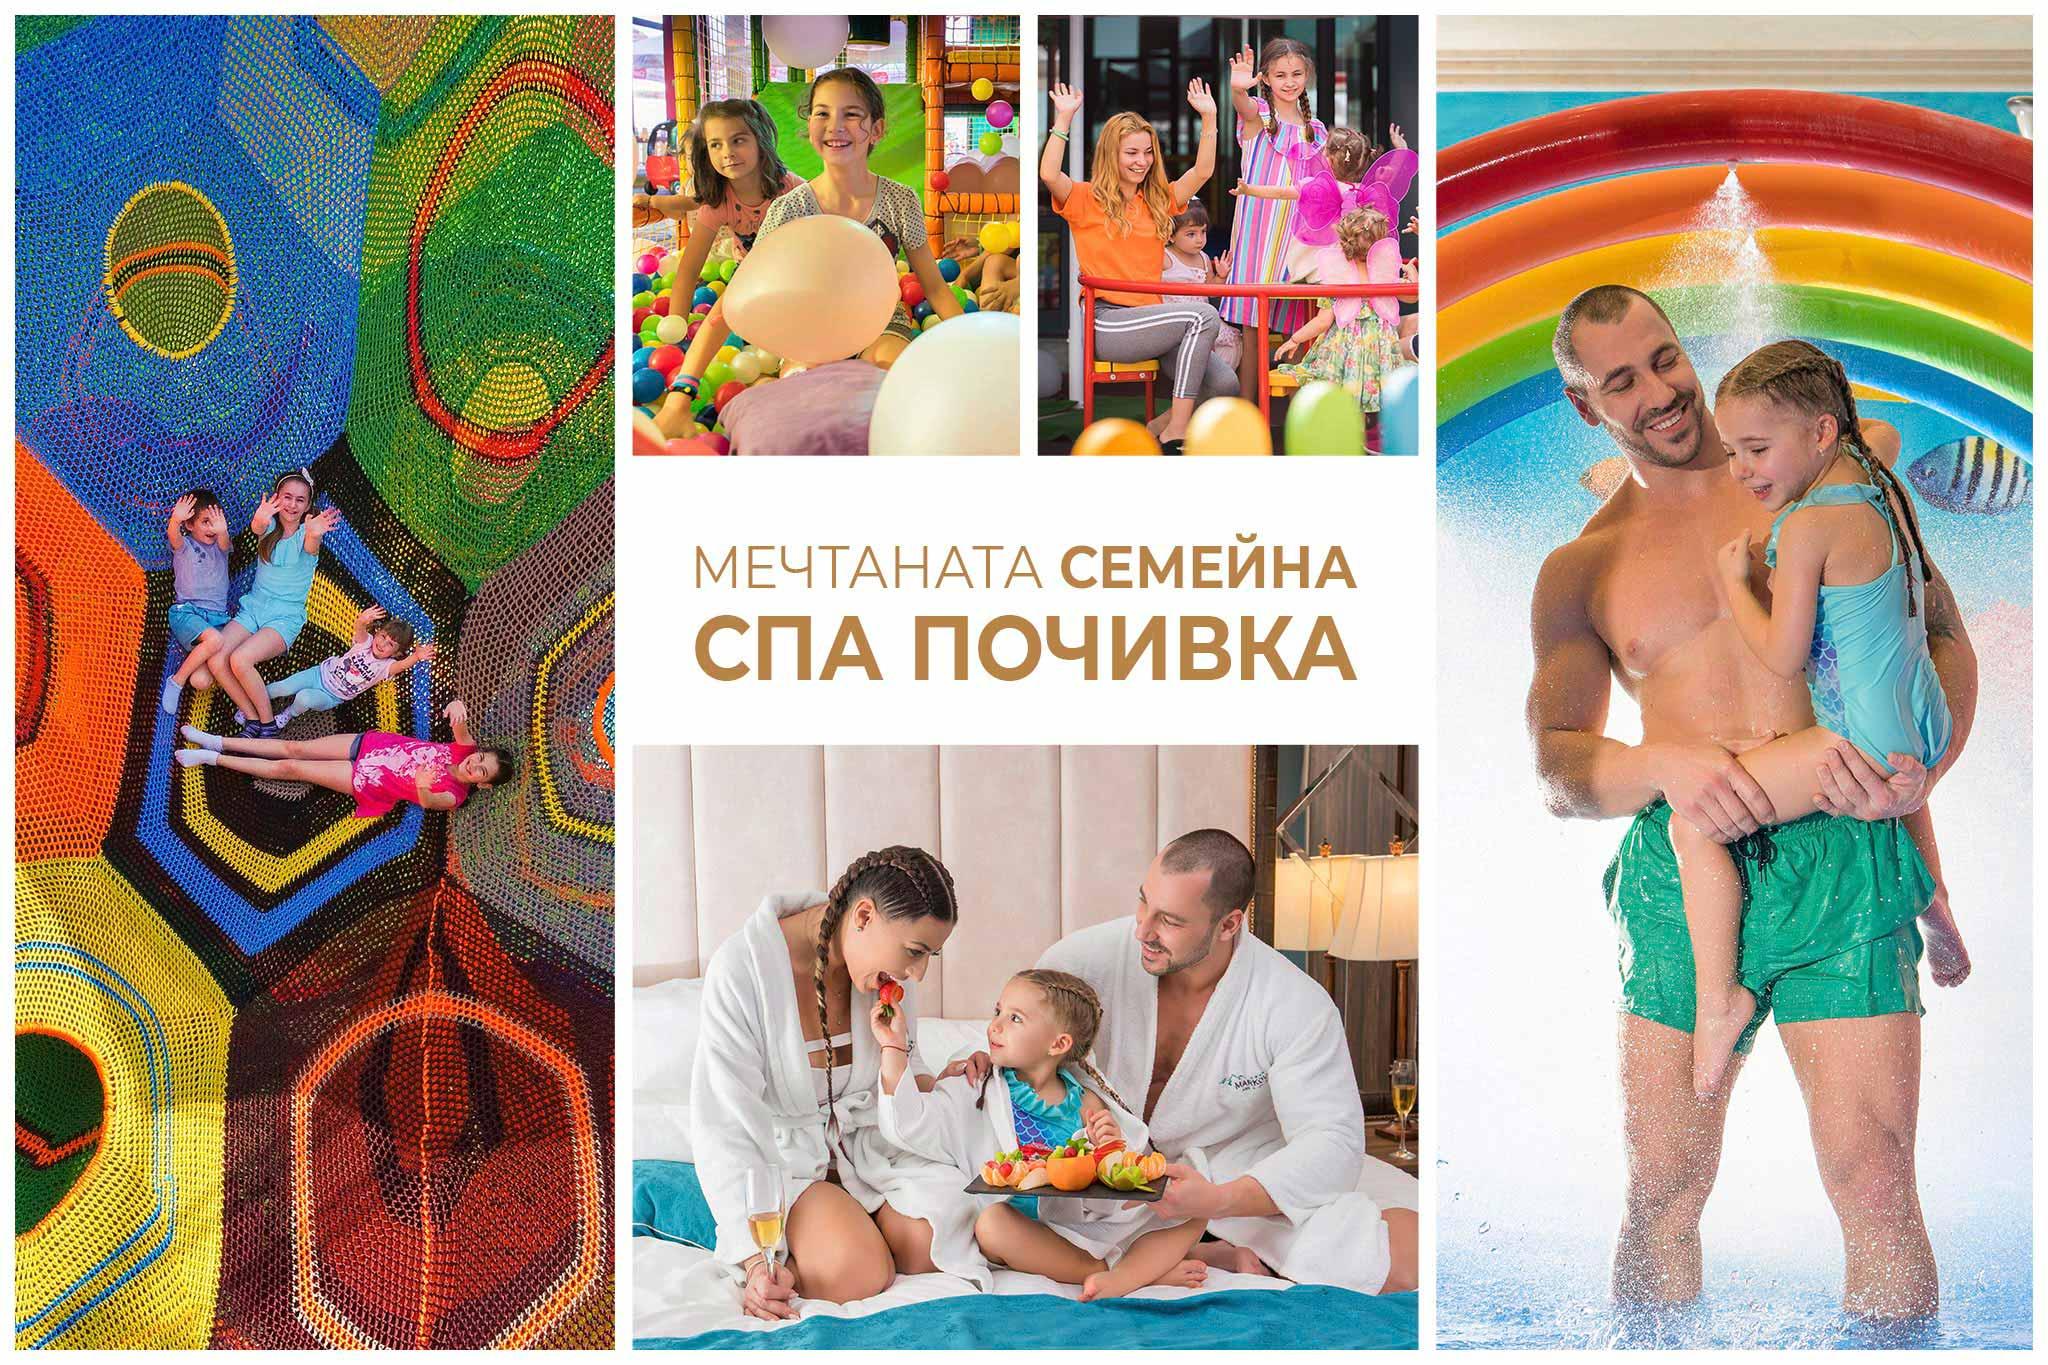 Мечтаната-семейна-СПА-почивка